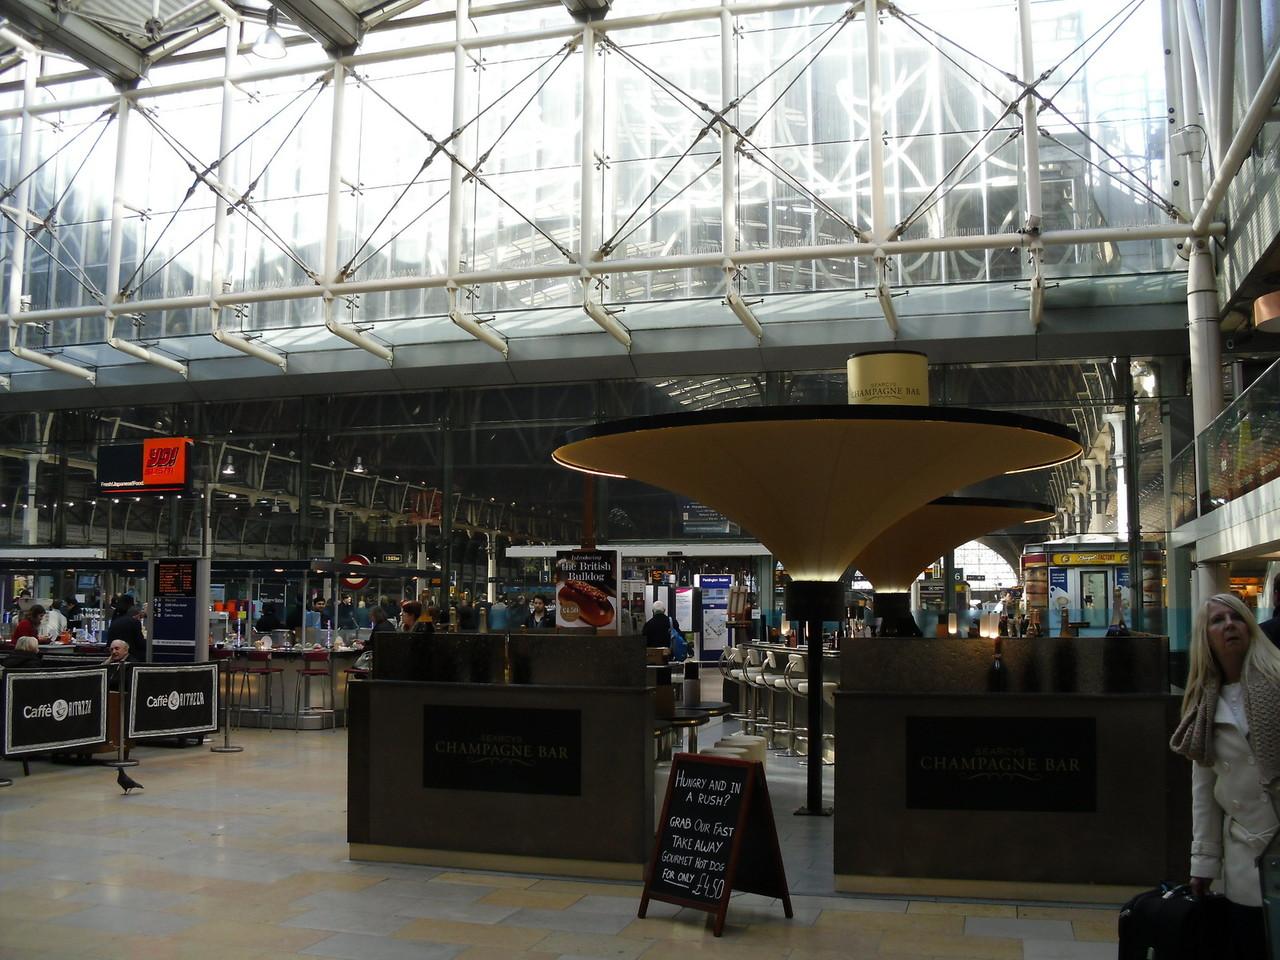 パディントン駅の内部です。